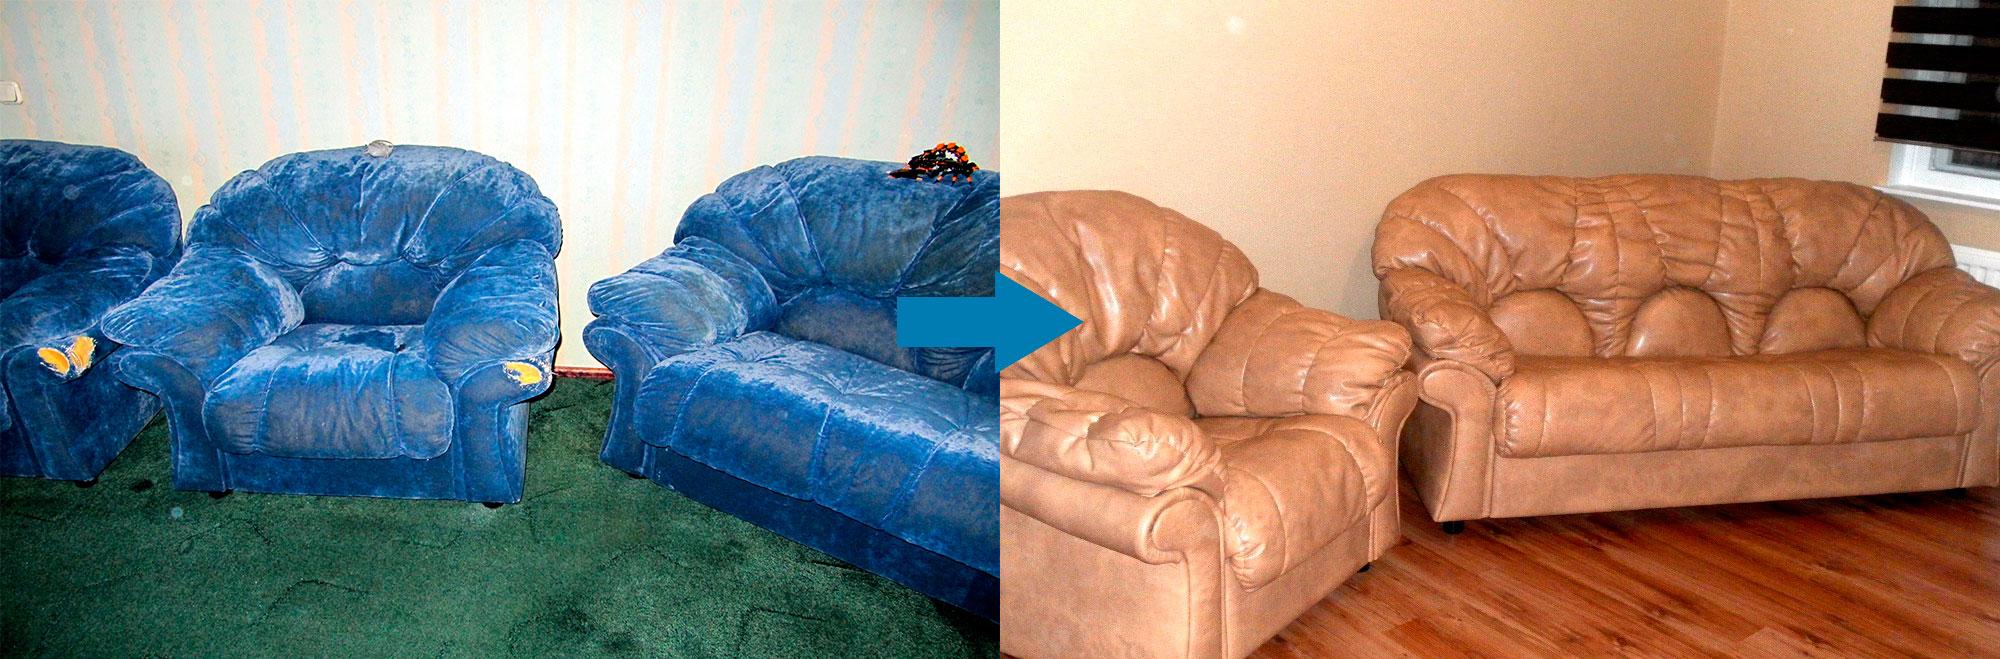 Пример смены обивки дивана